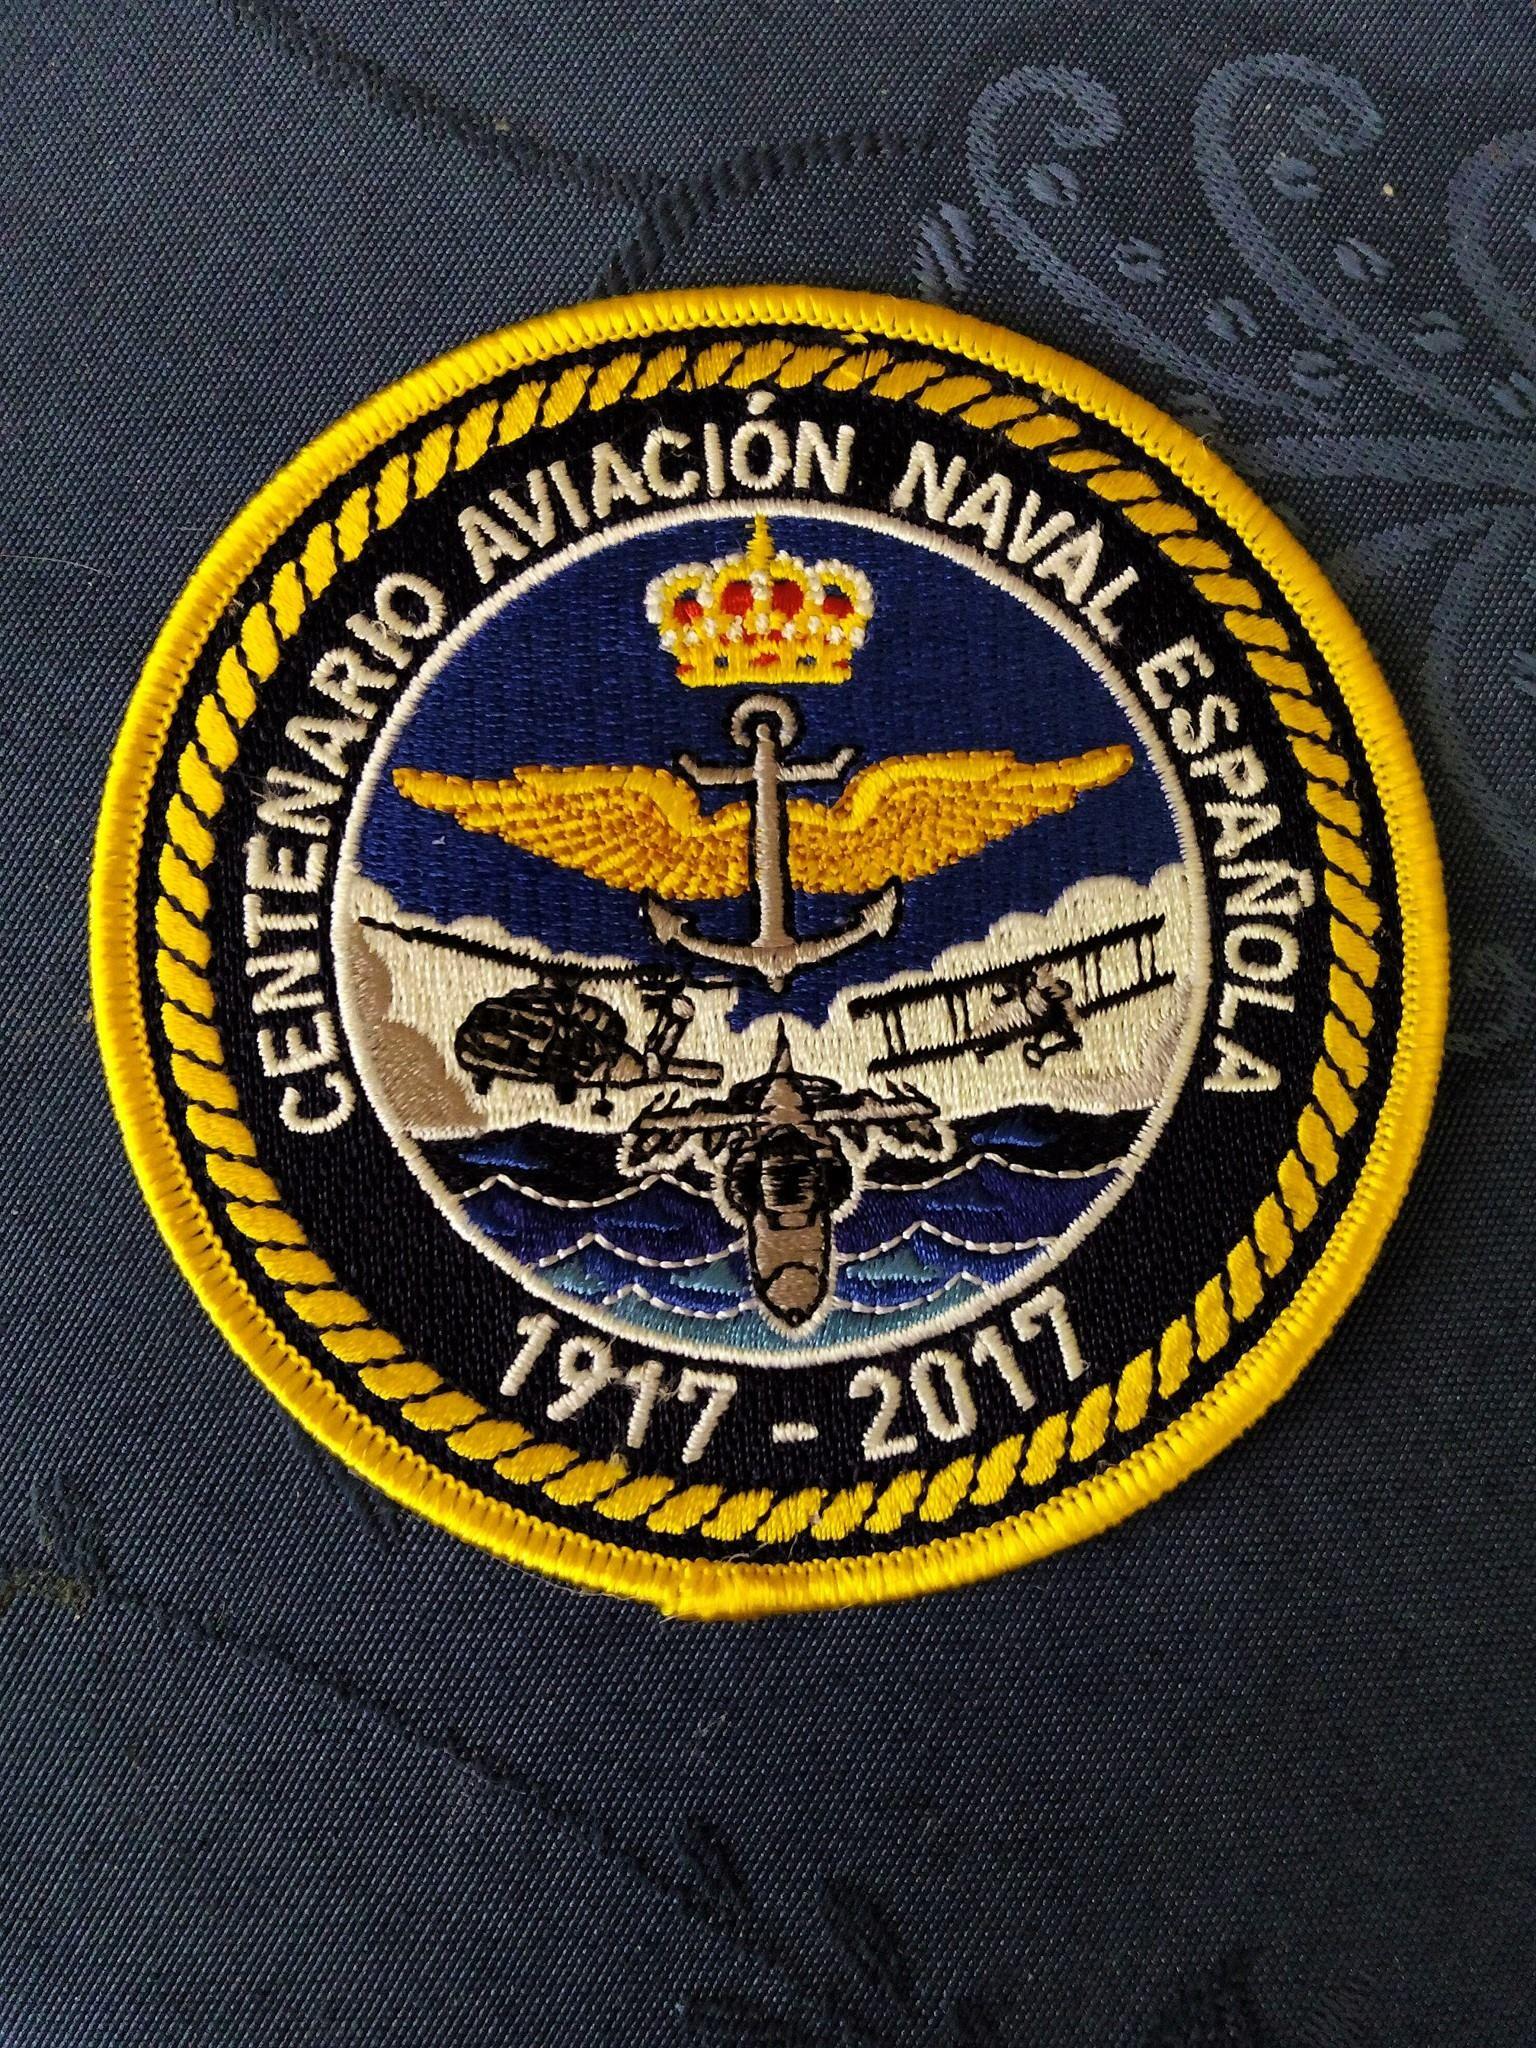 Centenario De La Aviaci N Naval Espa Ola 1917 2017 Fuerza  # Muebles Locos Centenario